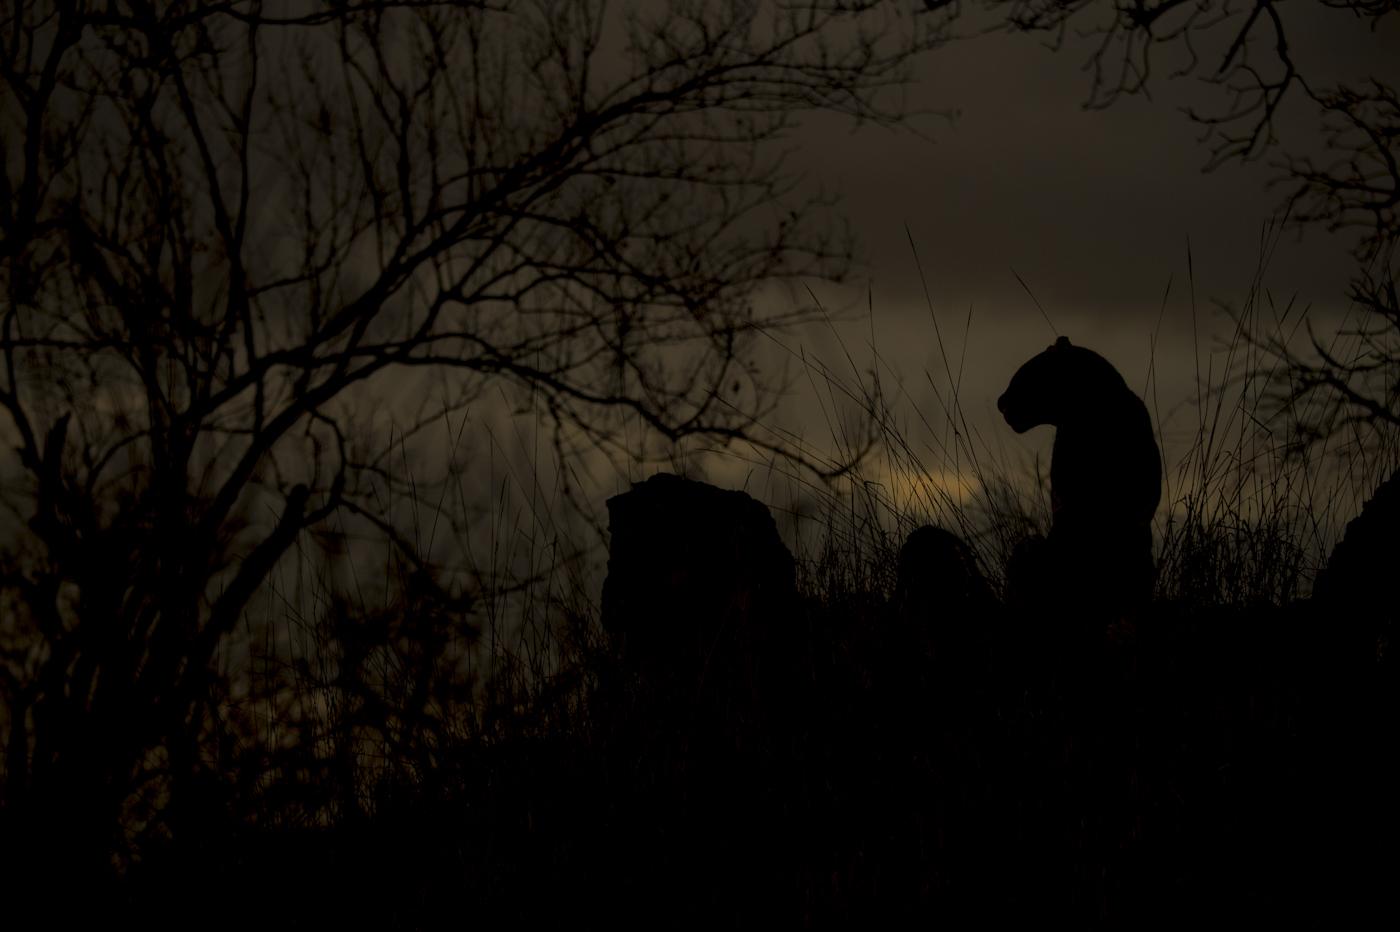 leopard silhouette grey